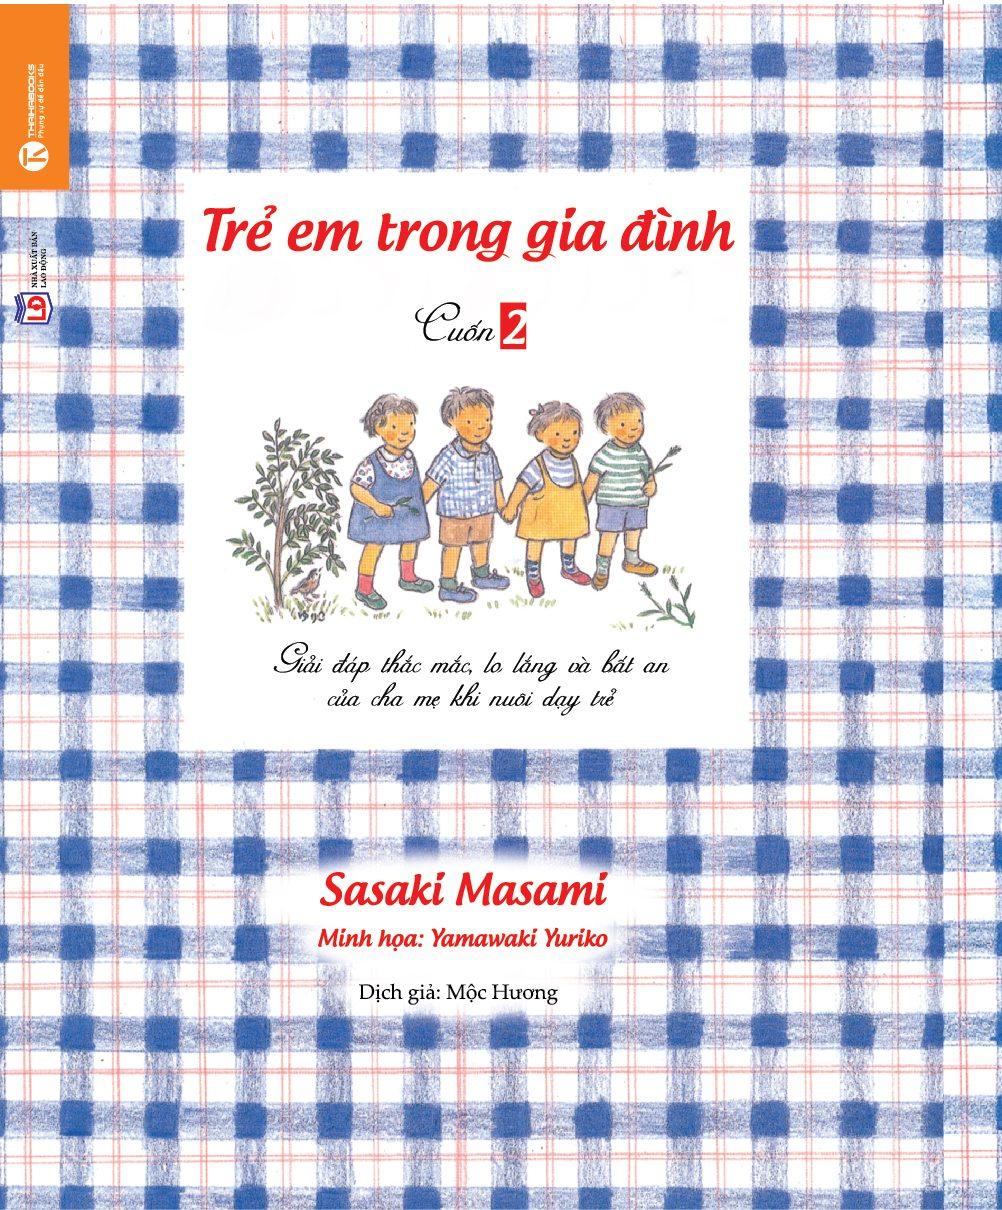 Sách giúp trẻ khuyết tật phát triển hòa nhập cộng đồng